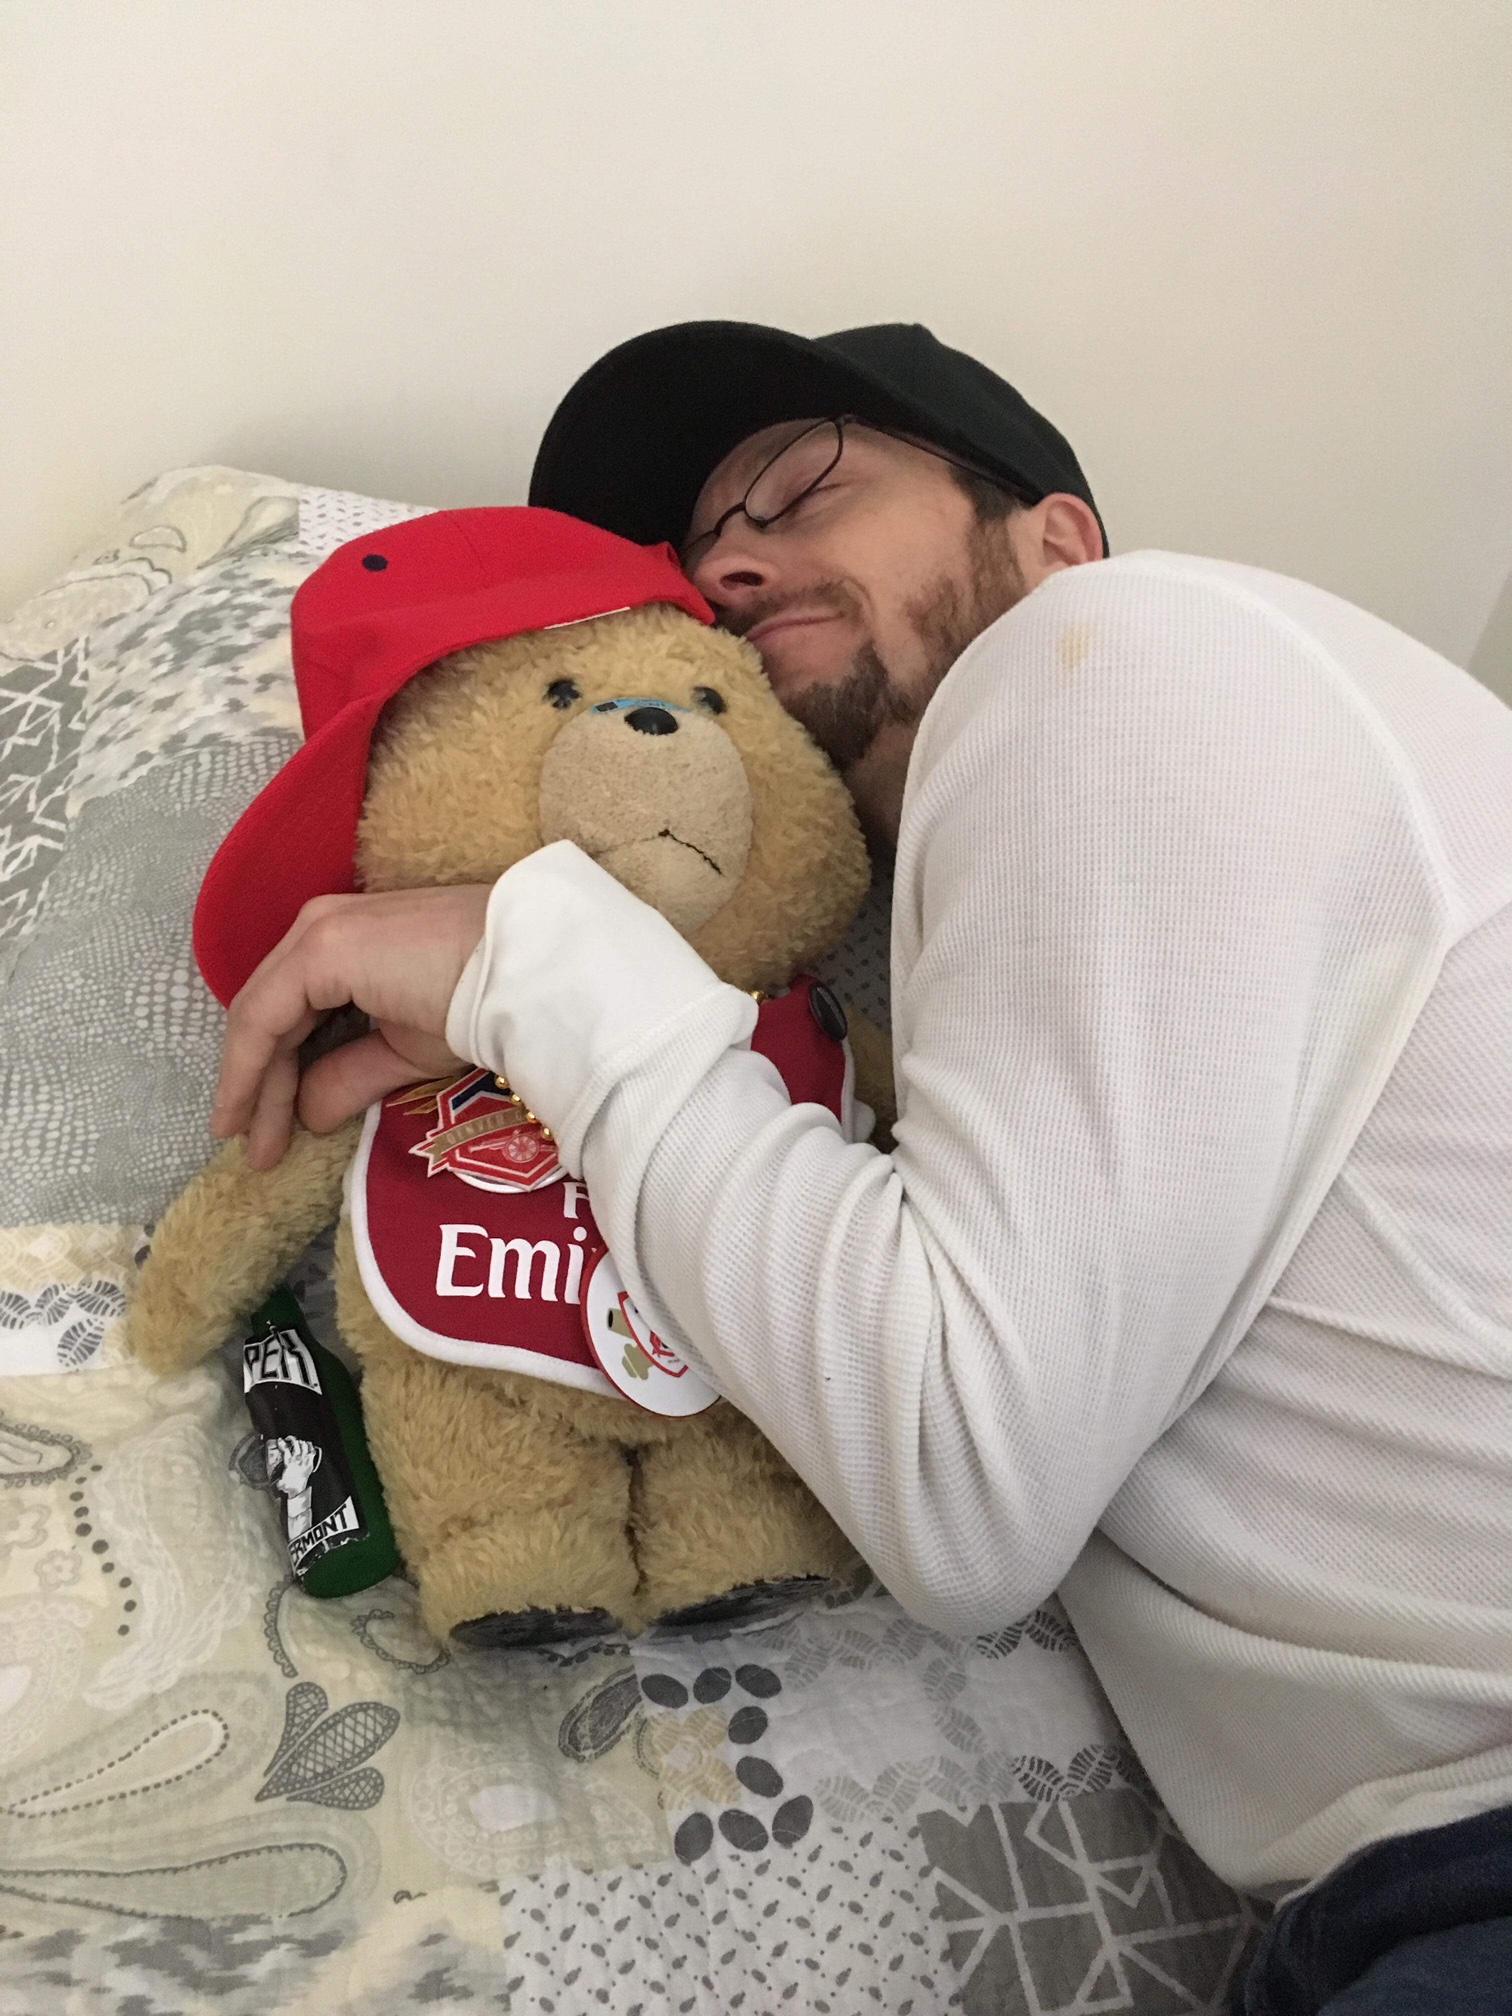 Cale understands the forbidden love between a man and a stuffed bear.